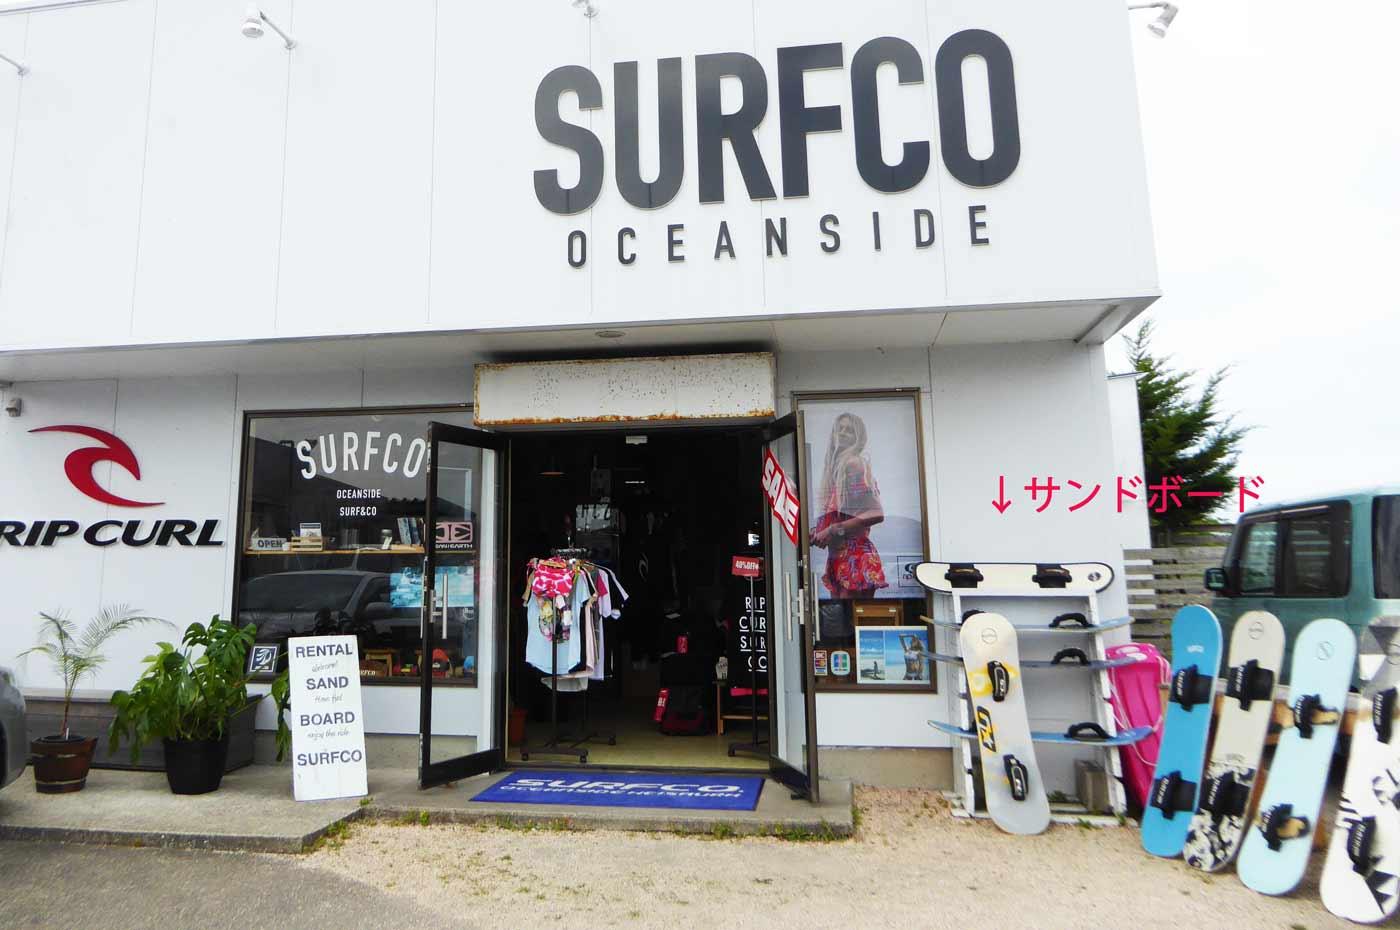 SURFCOオーシャンサイドの店舗画像